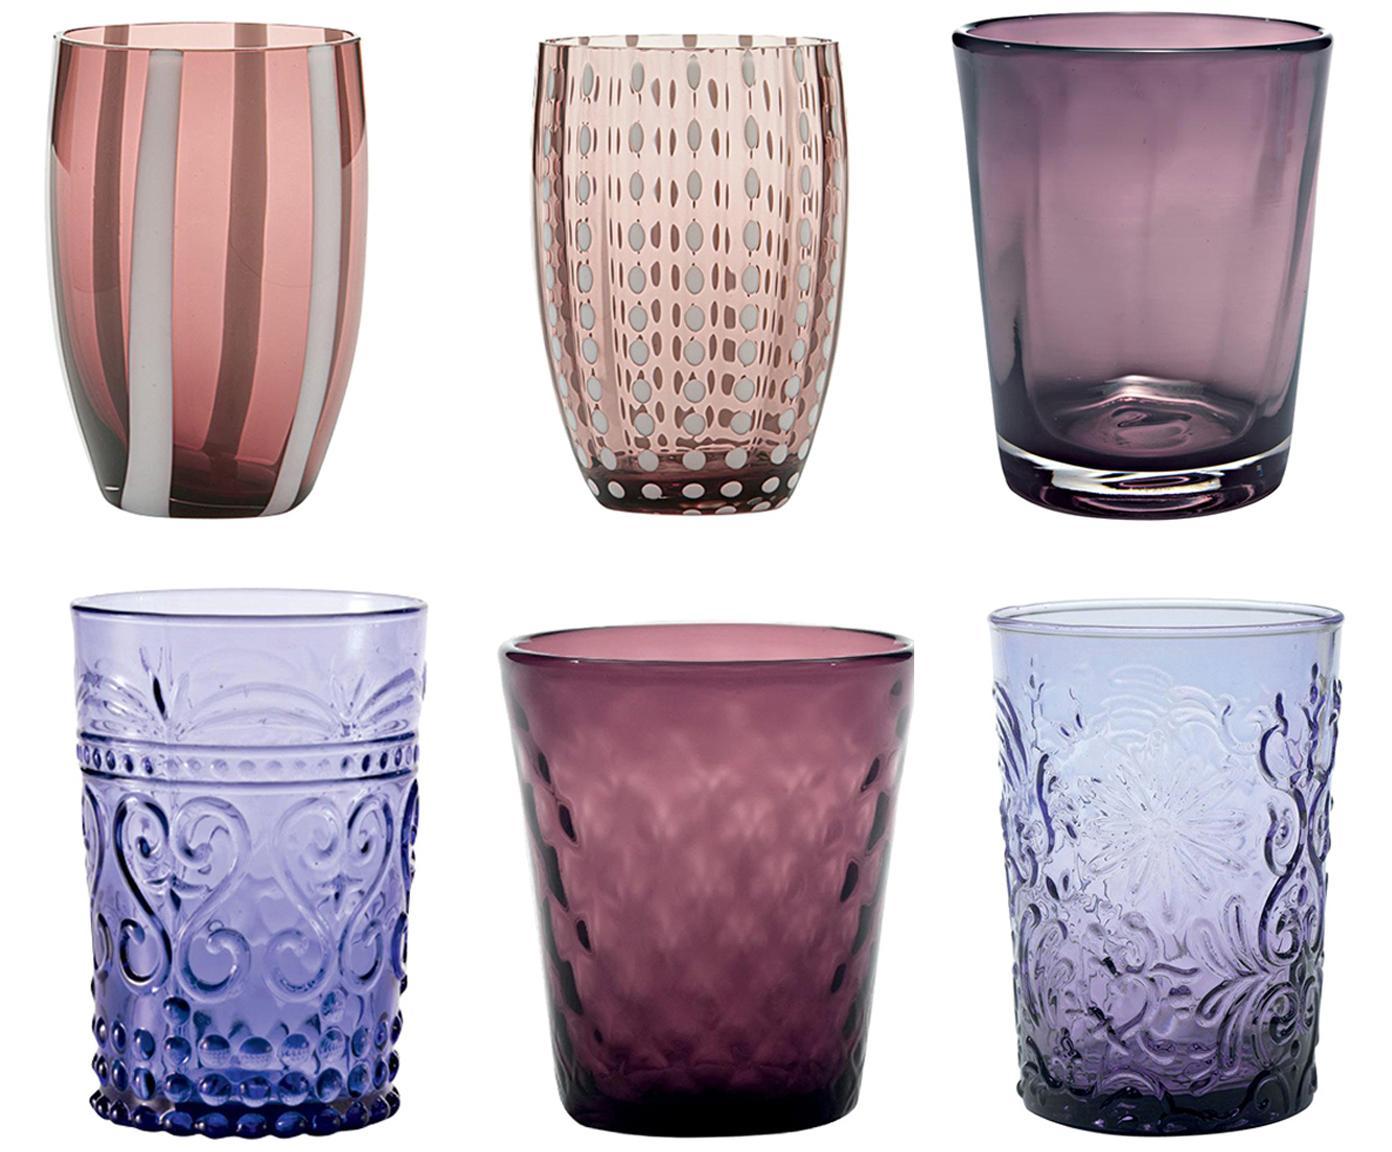 Mundgeblasene Wassergläser Melting Pot Berry in verschiedenen Designs und Beerentönen, 6er-Set, Glas, Blautöne, Rottöne, Sondergrößen